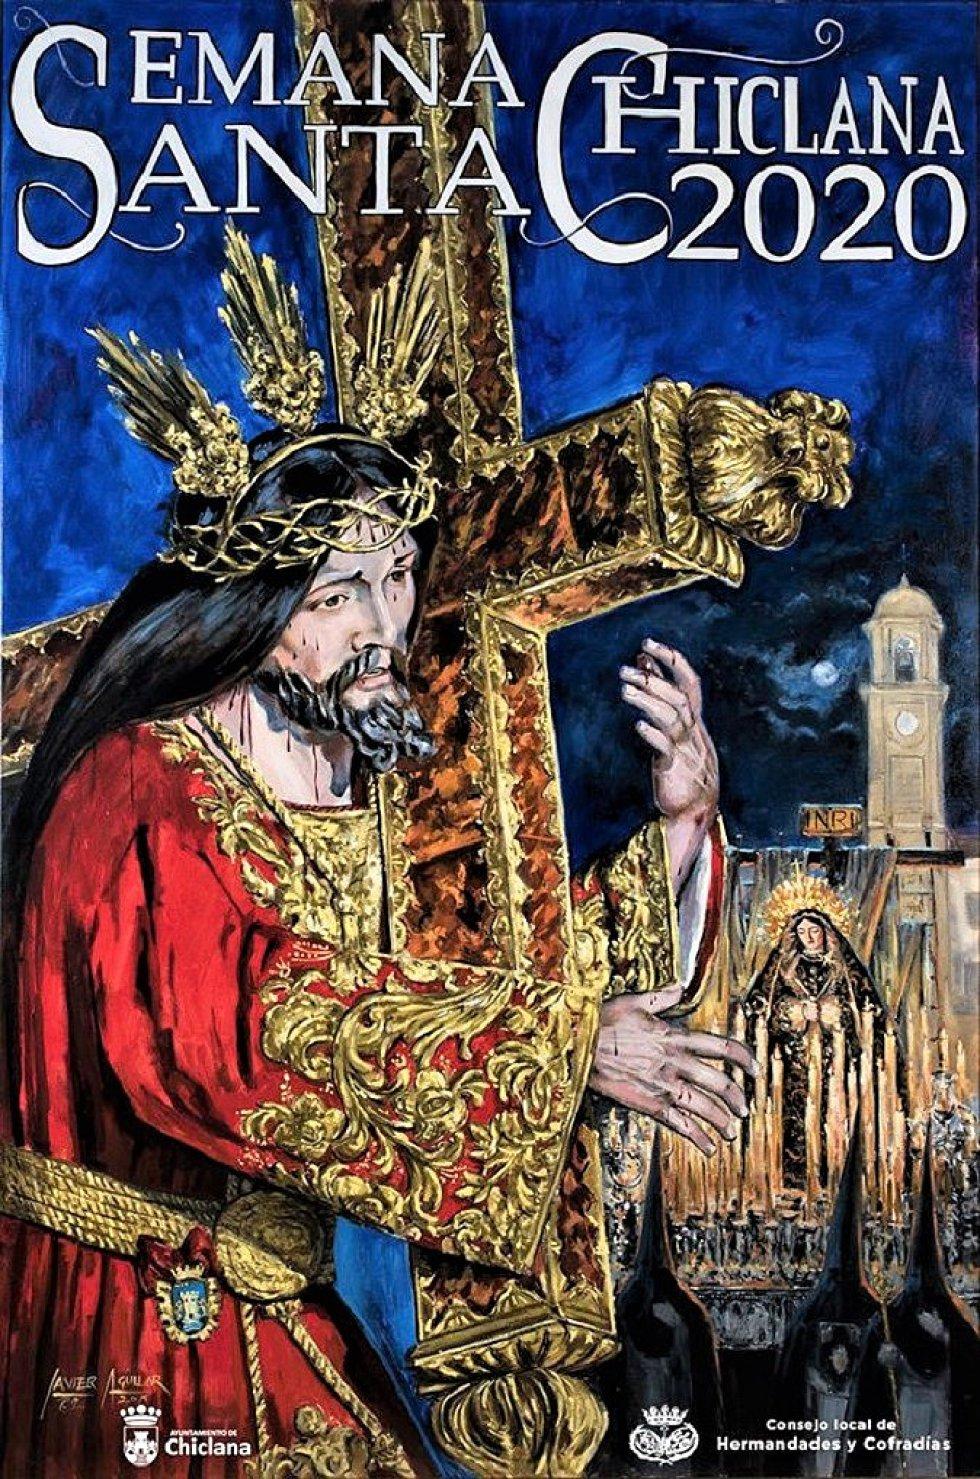 El cartel de la Semana Santa de Chiclana, que es una obra pictórica de Javier Aguilar Cejas, lo protagoniza Jesús Nazareno y la Virgen de la Soledad. También se puede apreciar en la pintura el arquillo del reloj, con la luna llena de fondo y nazarenos en la parte inferior izquierda.